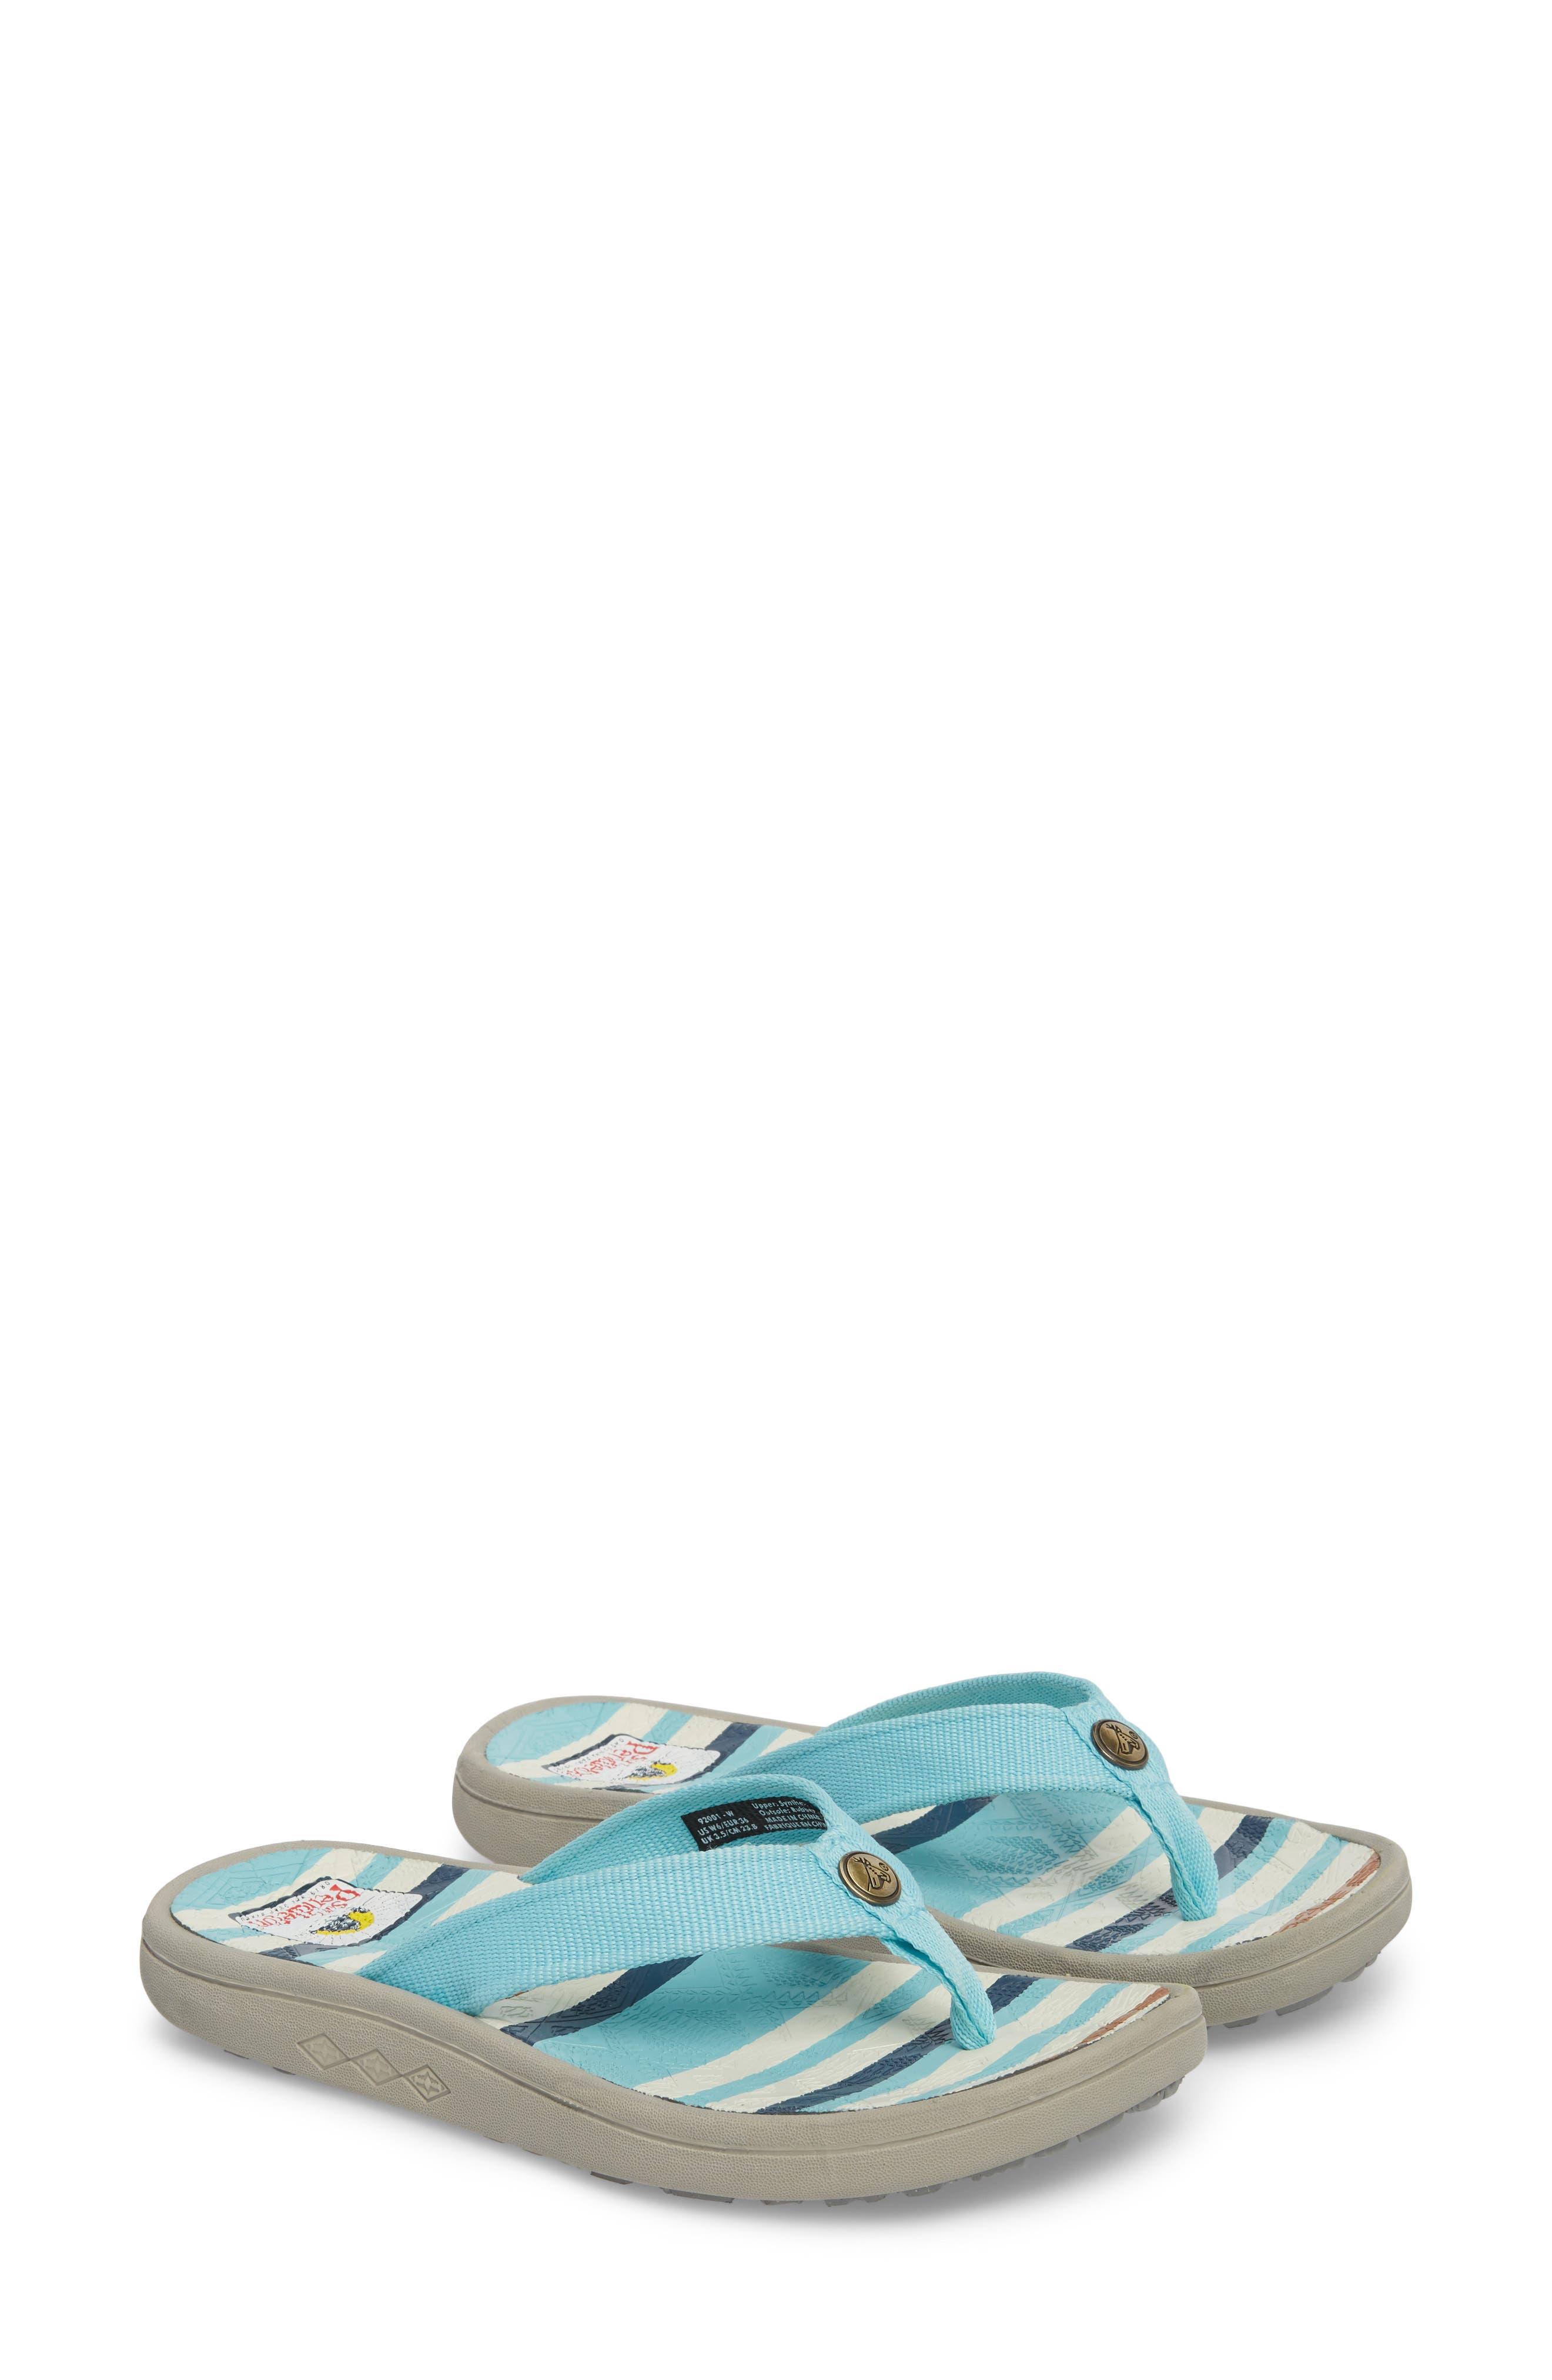 Pendleton Surf Stripe Flip Flop,                             Alternate thumbnail 5, color,                             Aqua